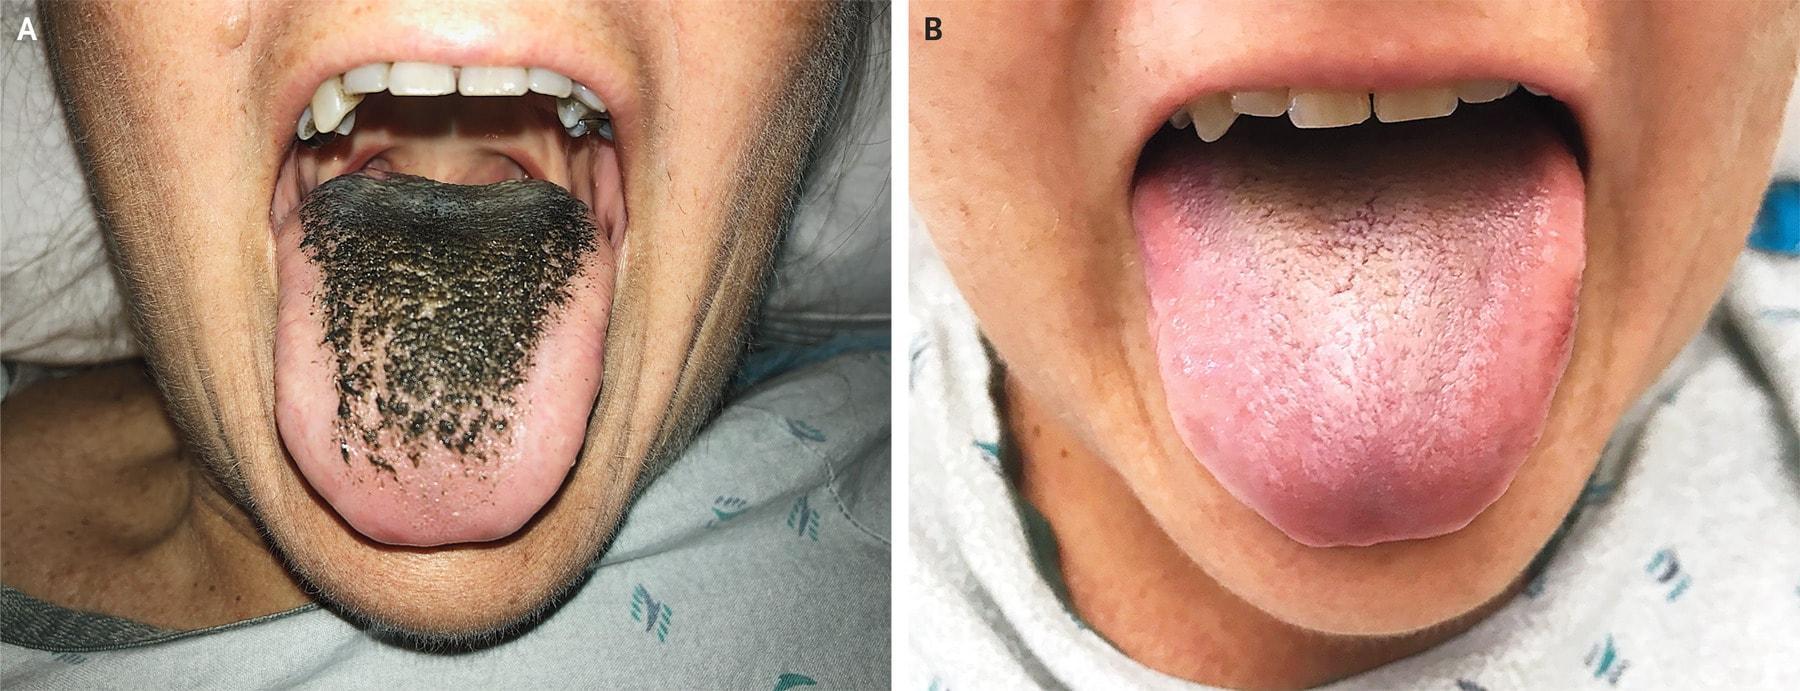 Прием антибиотика спровоцировал синдром «черного волосатого языка»